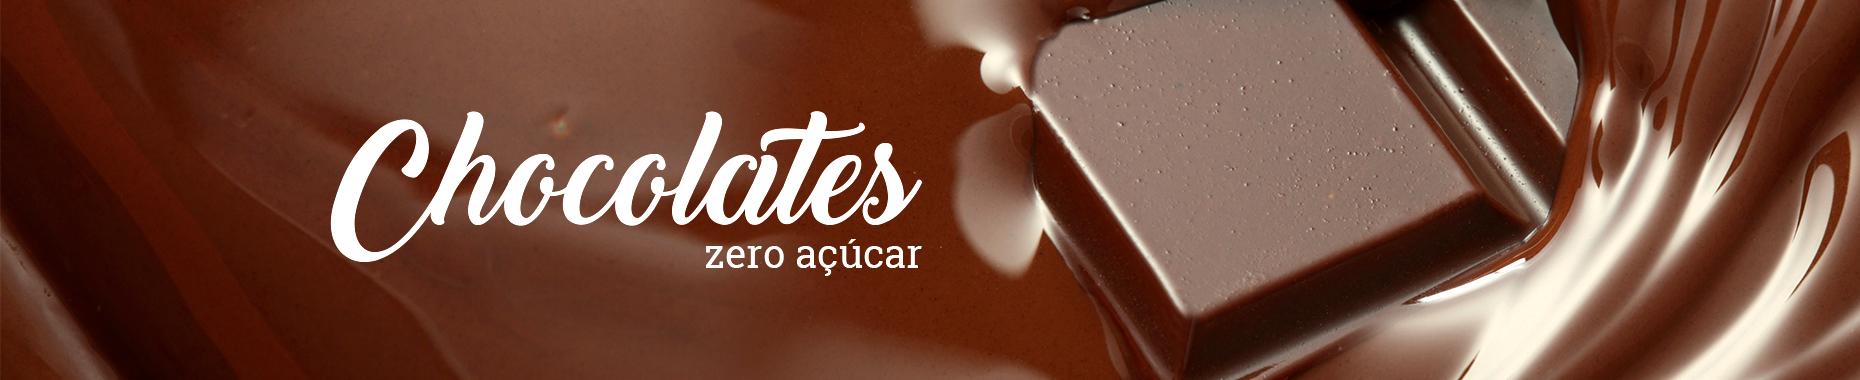 Chocolates Zero Açúcar Vitao